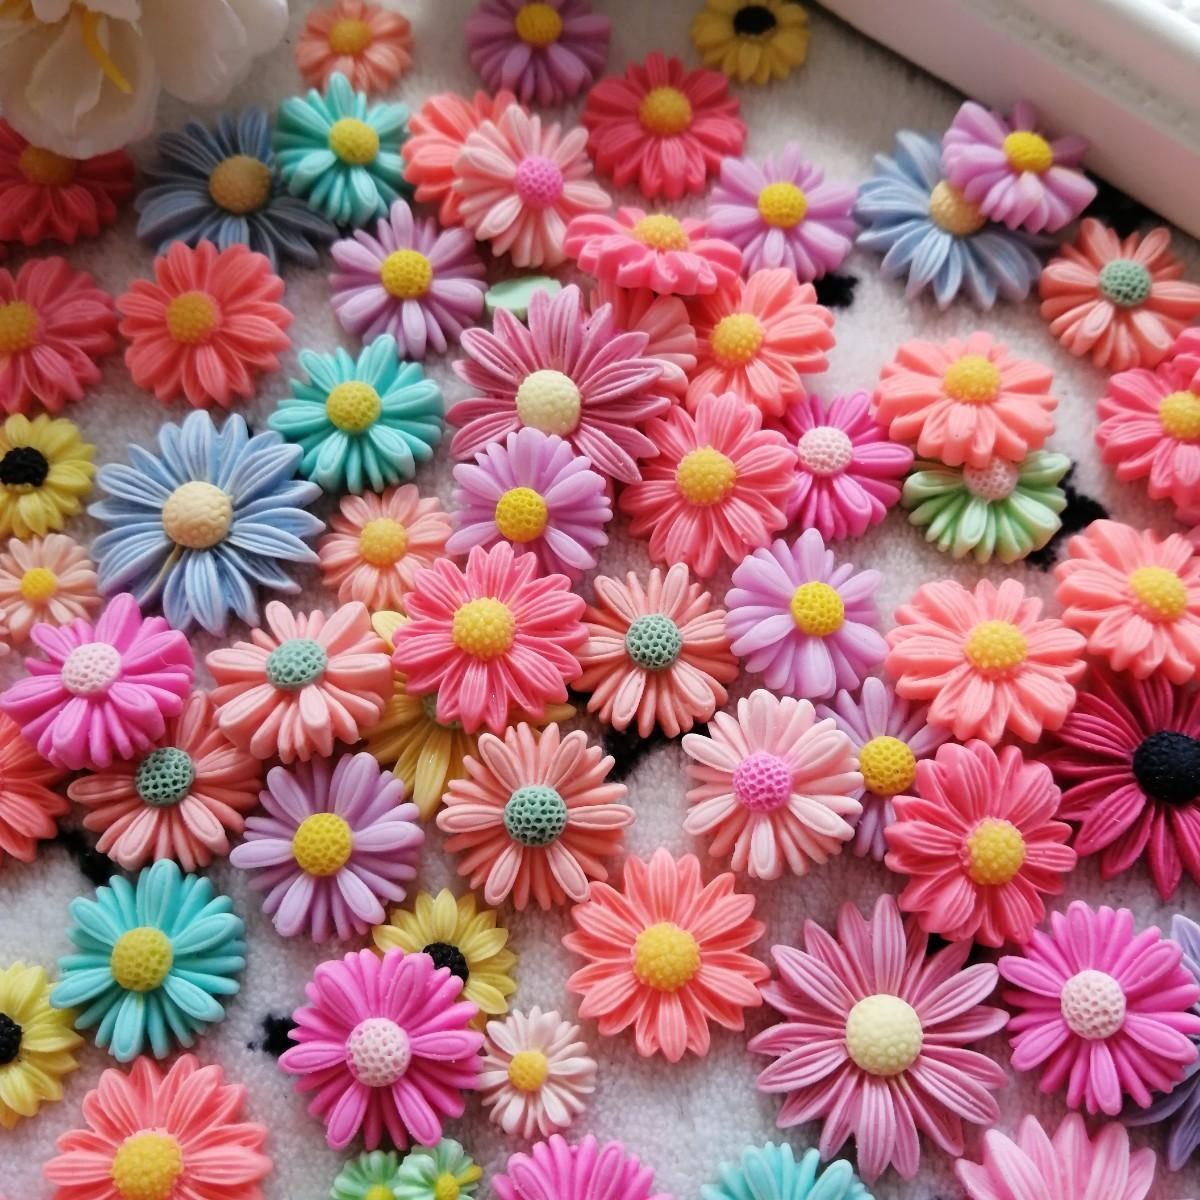 デコパーツ プラパーツ ハンドメイド 手作り 花台 材料 パーツ ひまわり 1